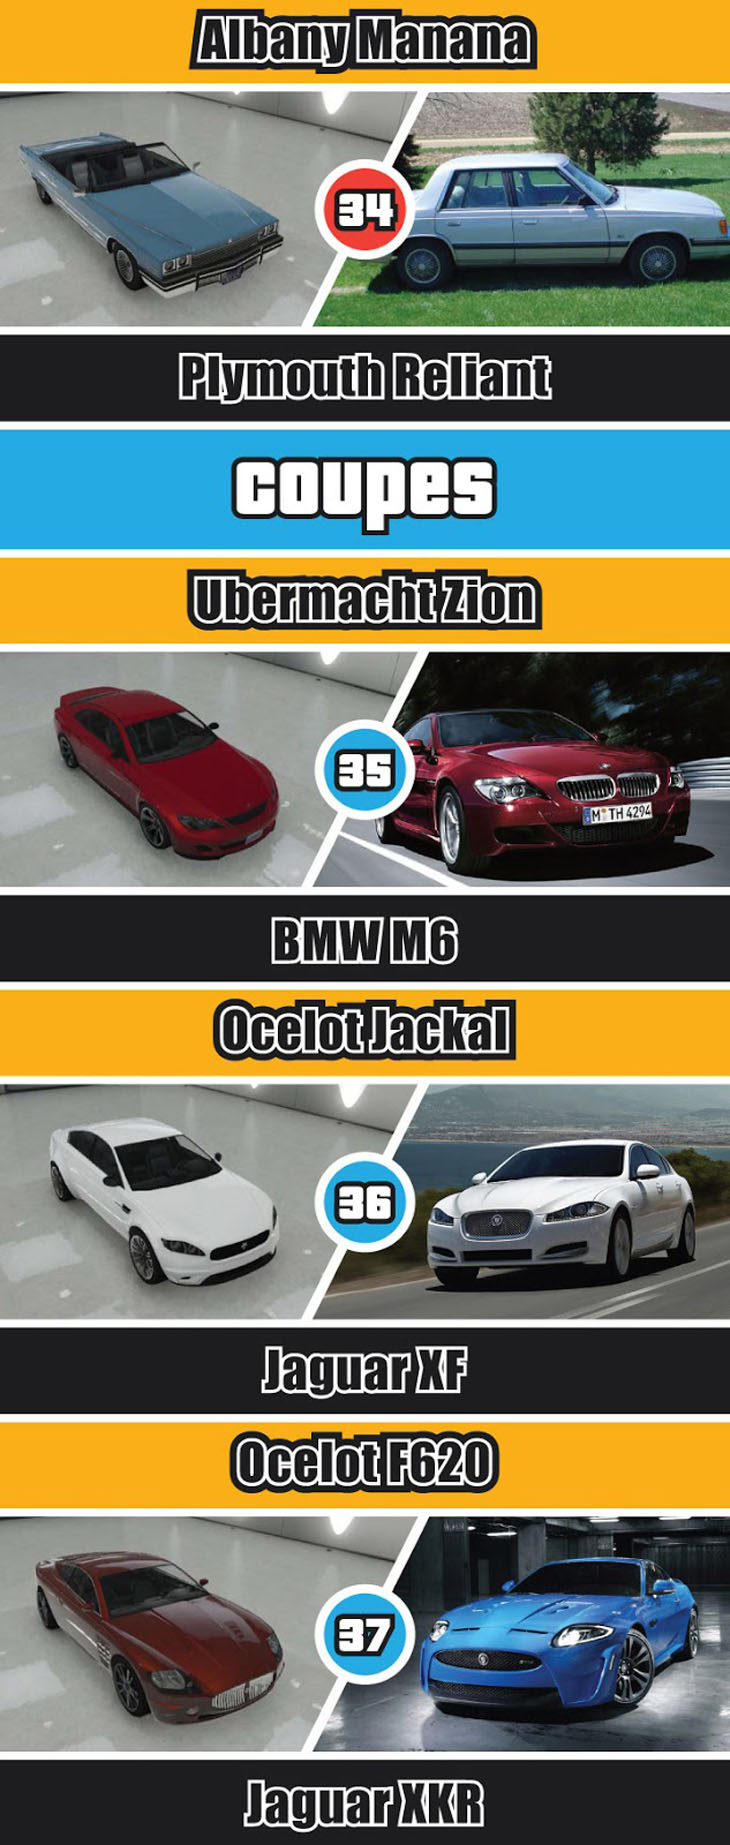 Ford Focus Gta 5 : focus, Their, World, Counterparts, Diseno-Art